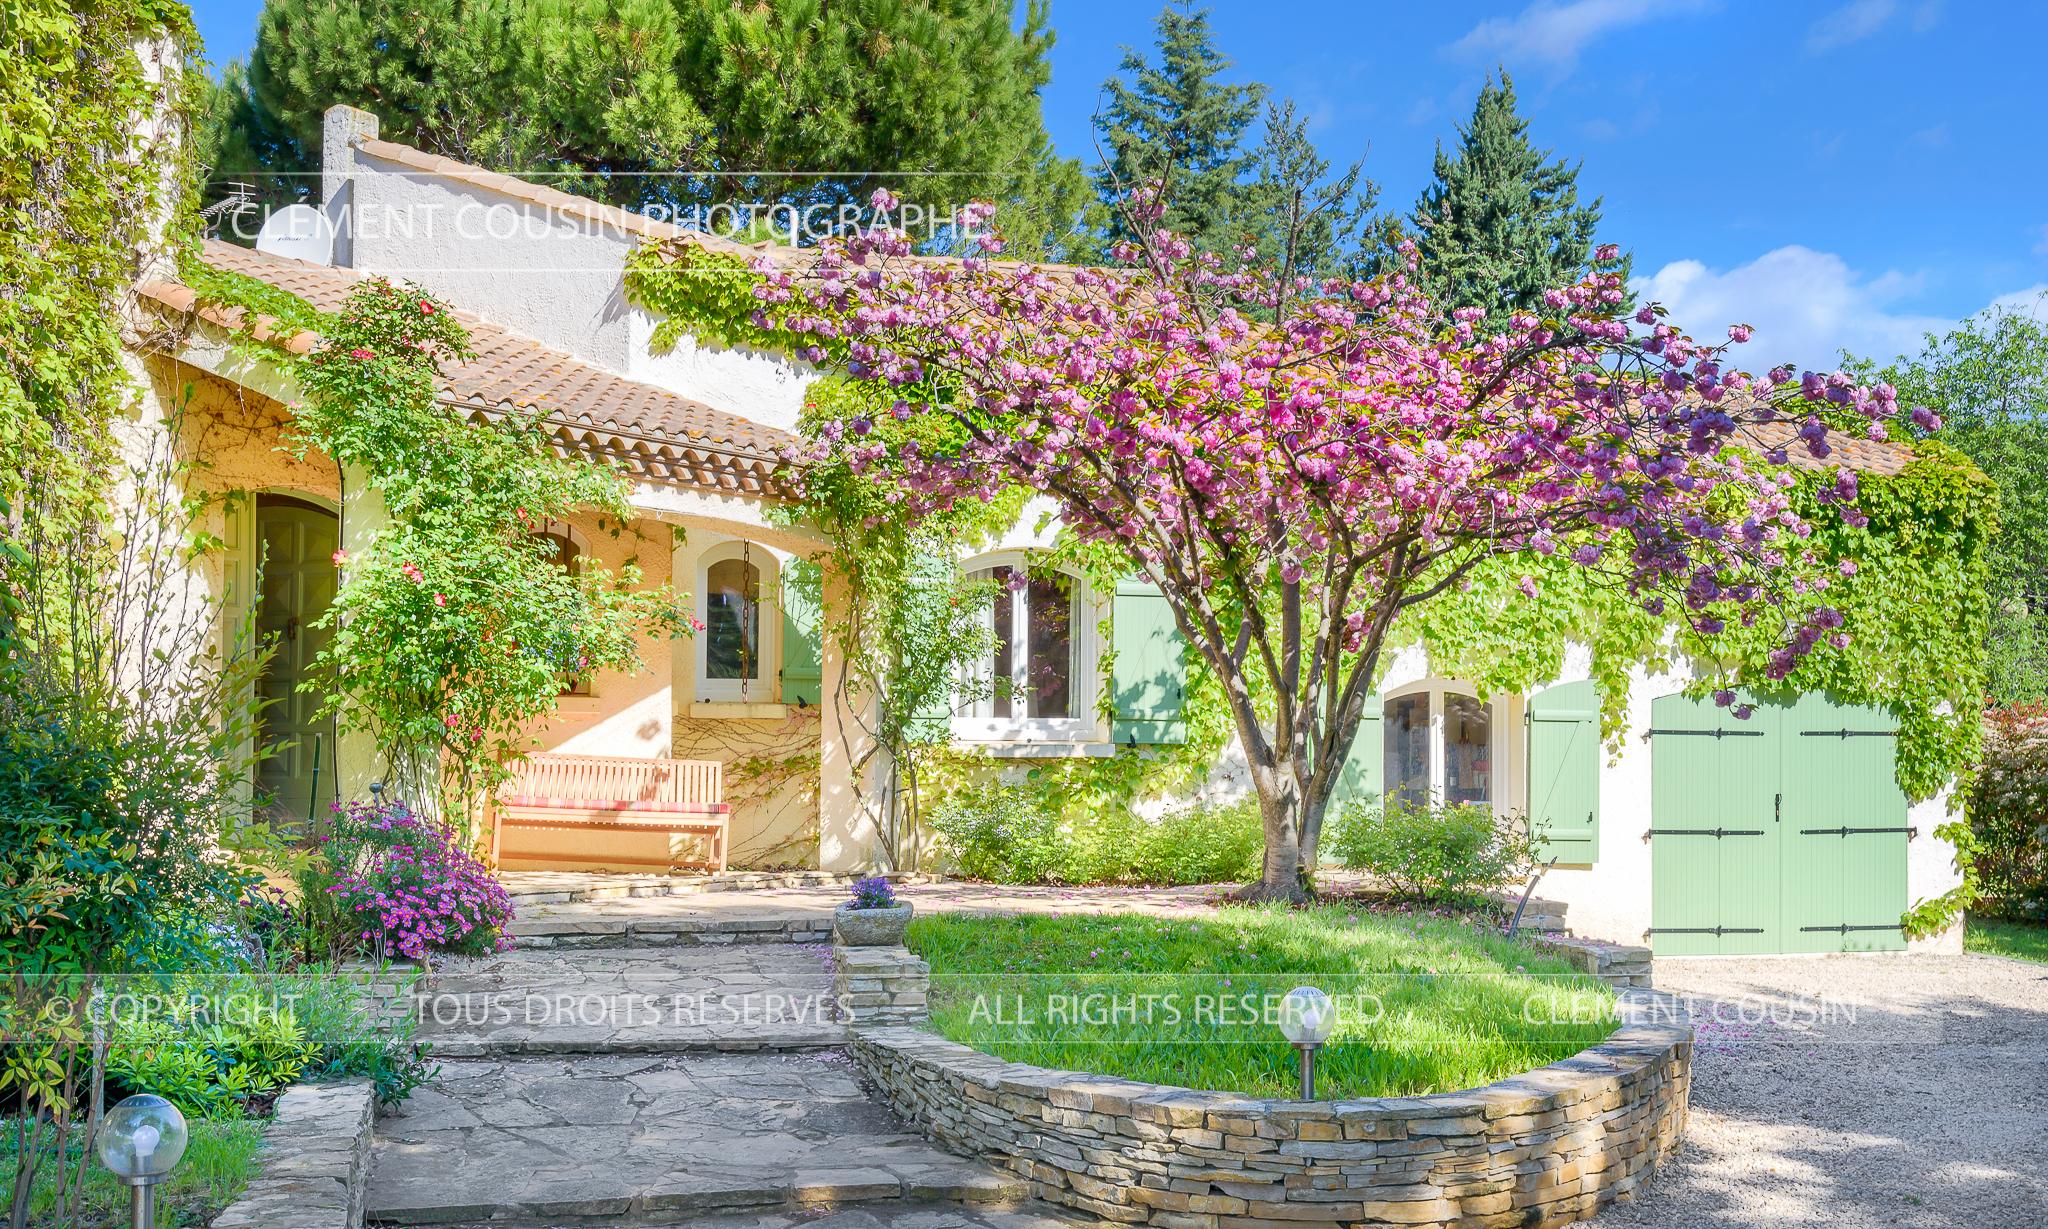 villa boirargues 18-04 -2.jpg